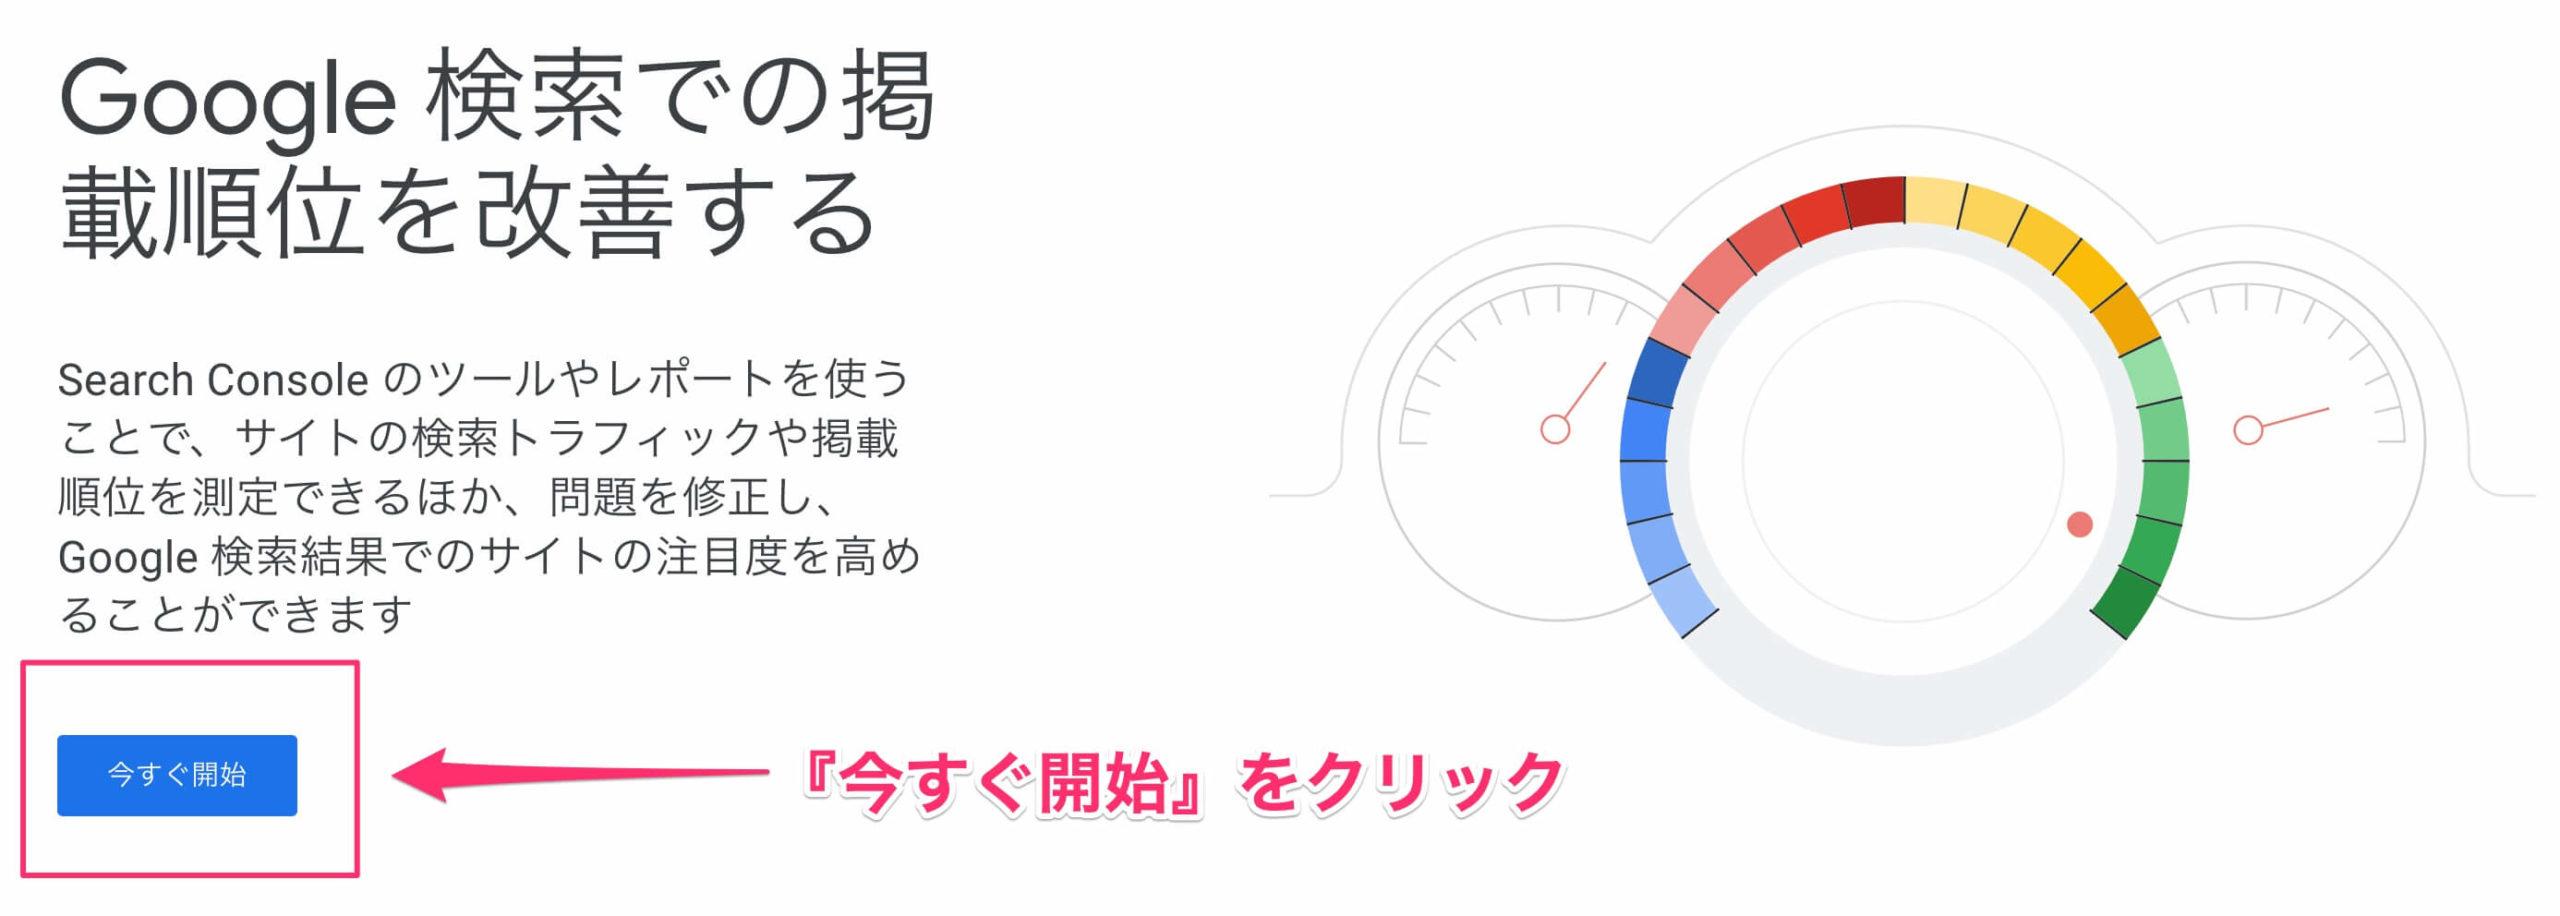 Googleサーチコンソールの公式ページ